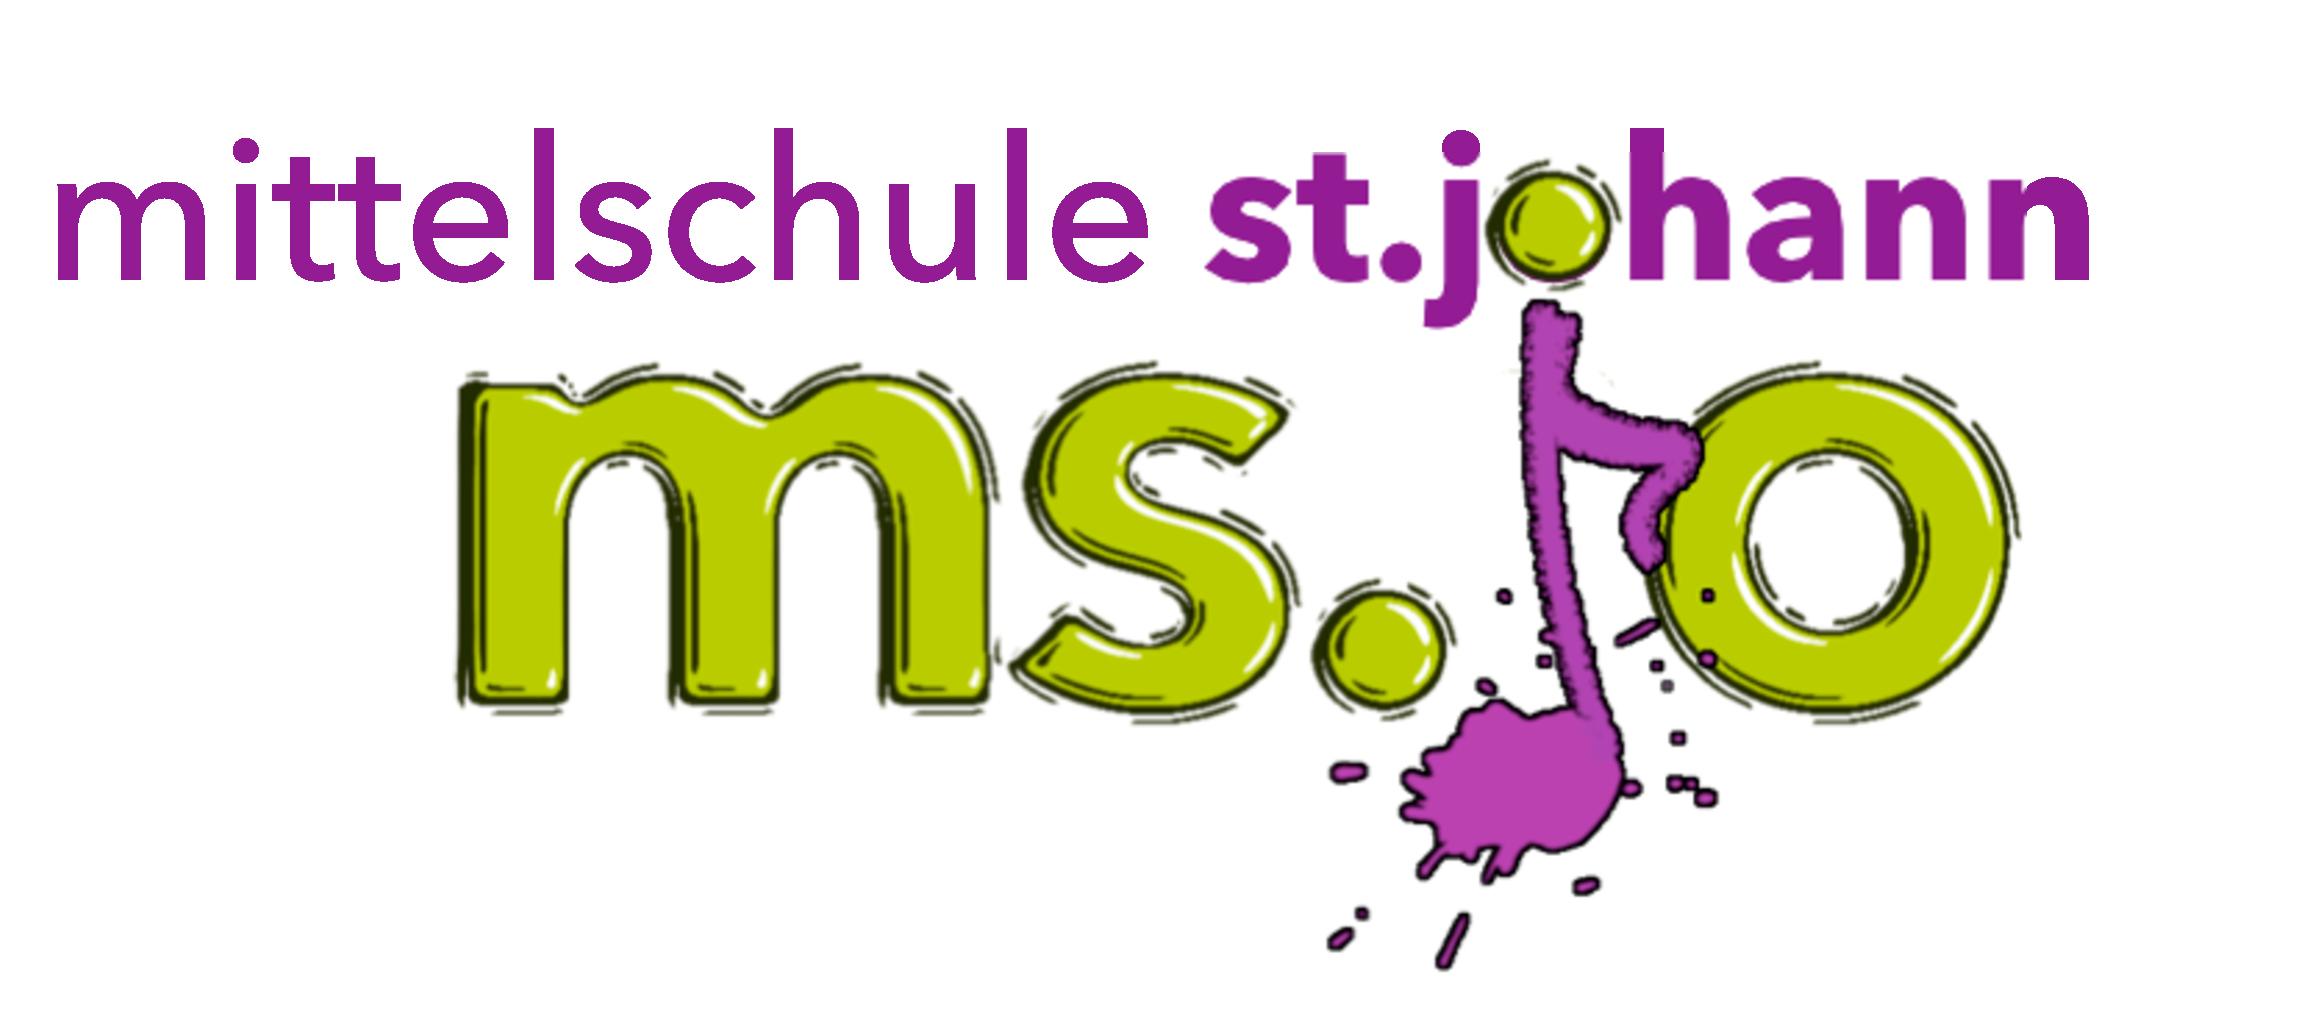 Mittelschule St. Johann